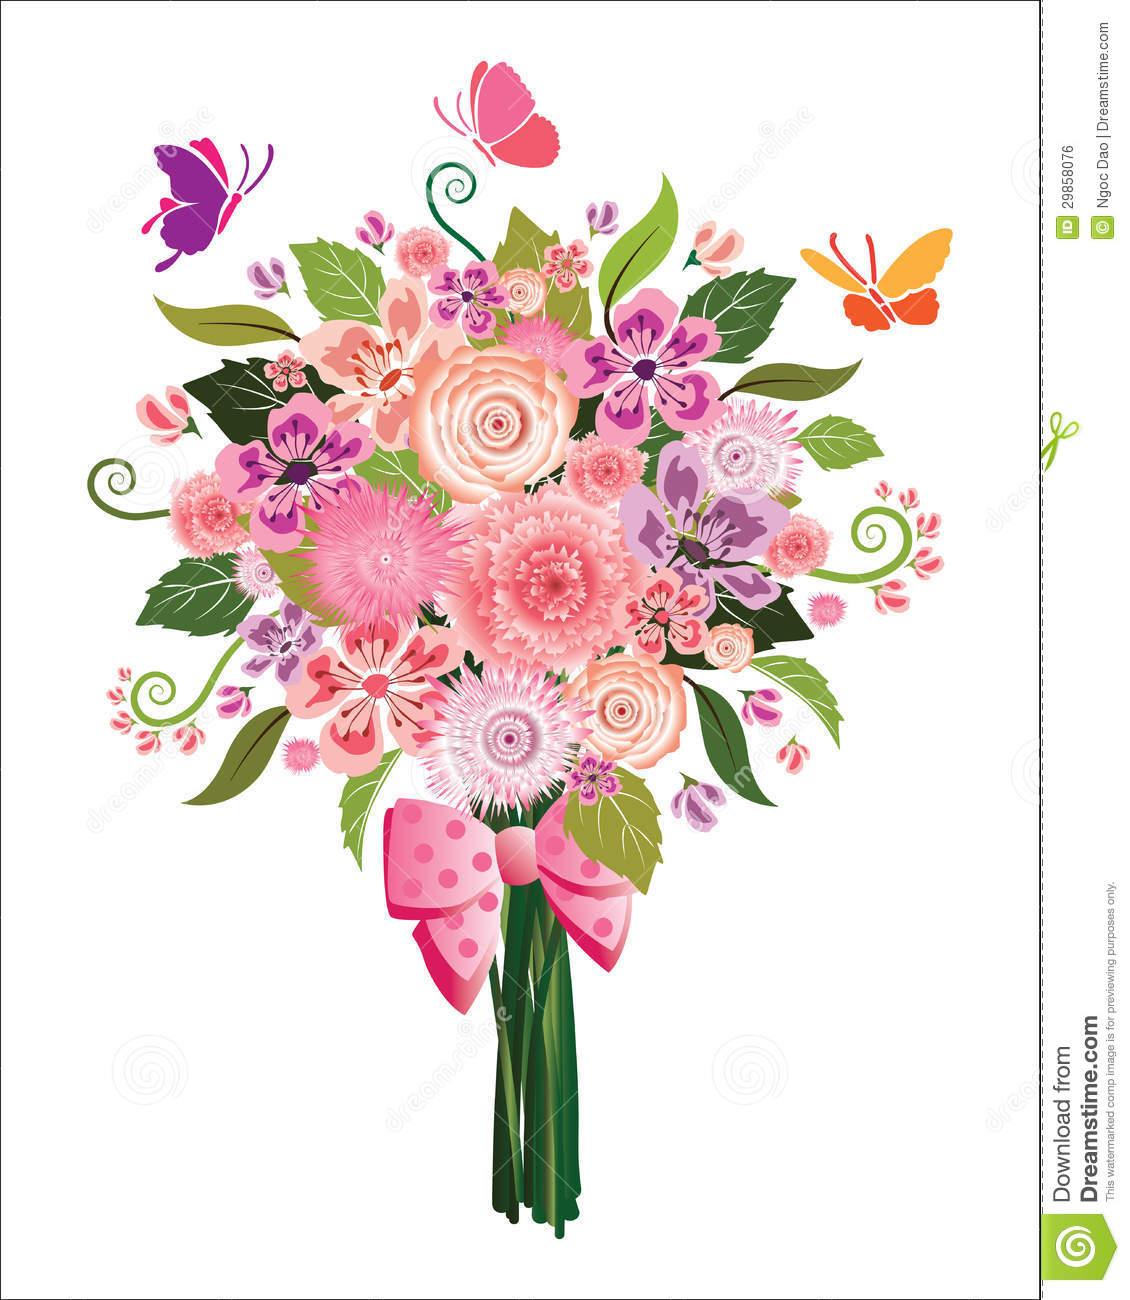 Bouquet clipart Bouquet Floral bouquets Clipart clipart